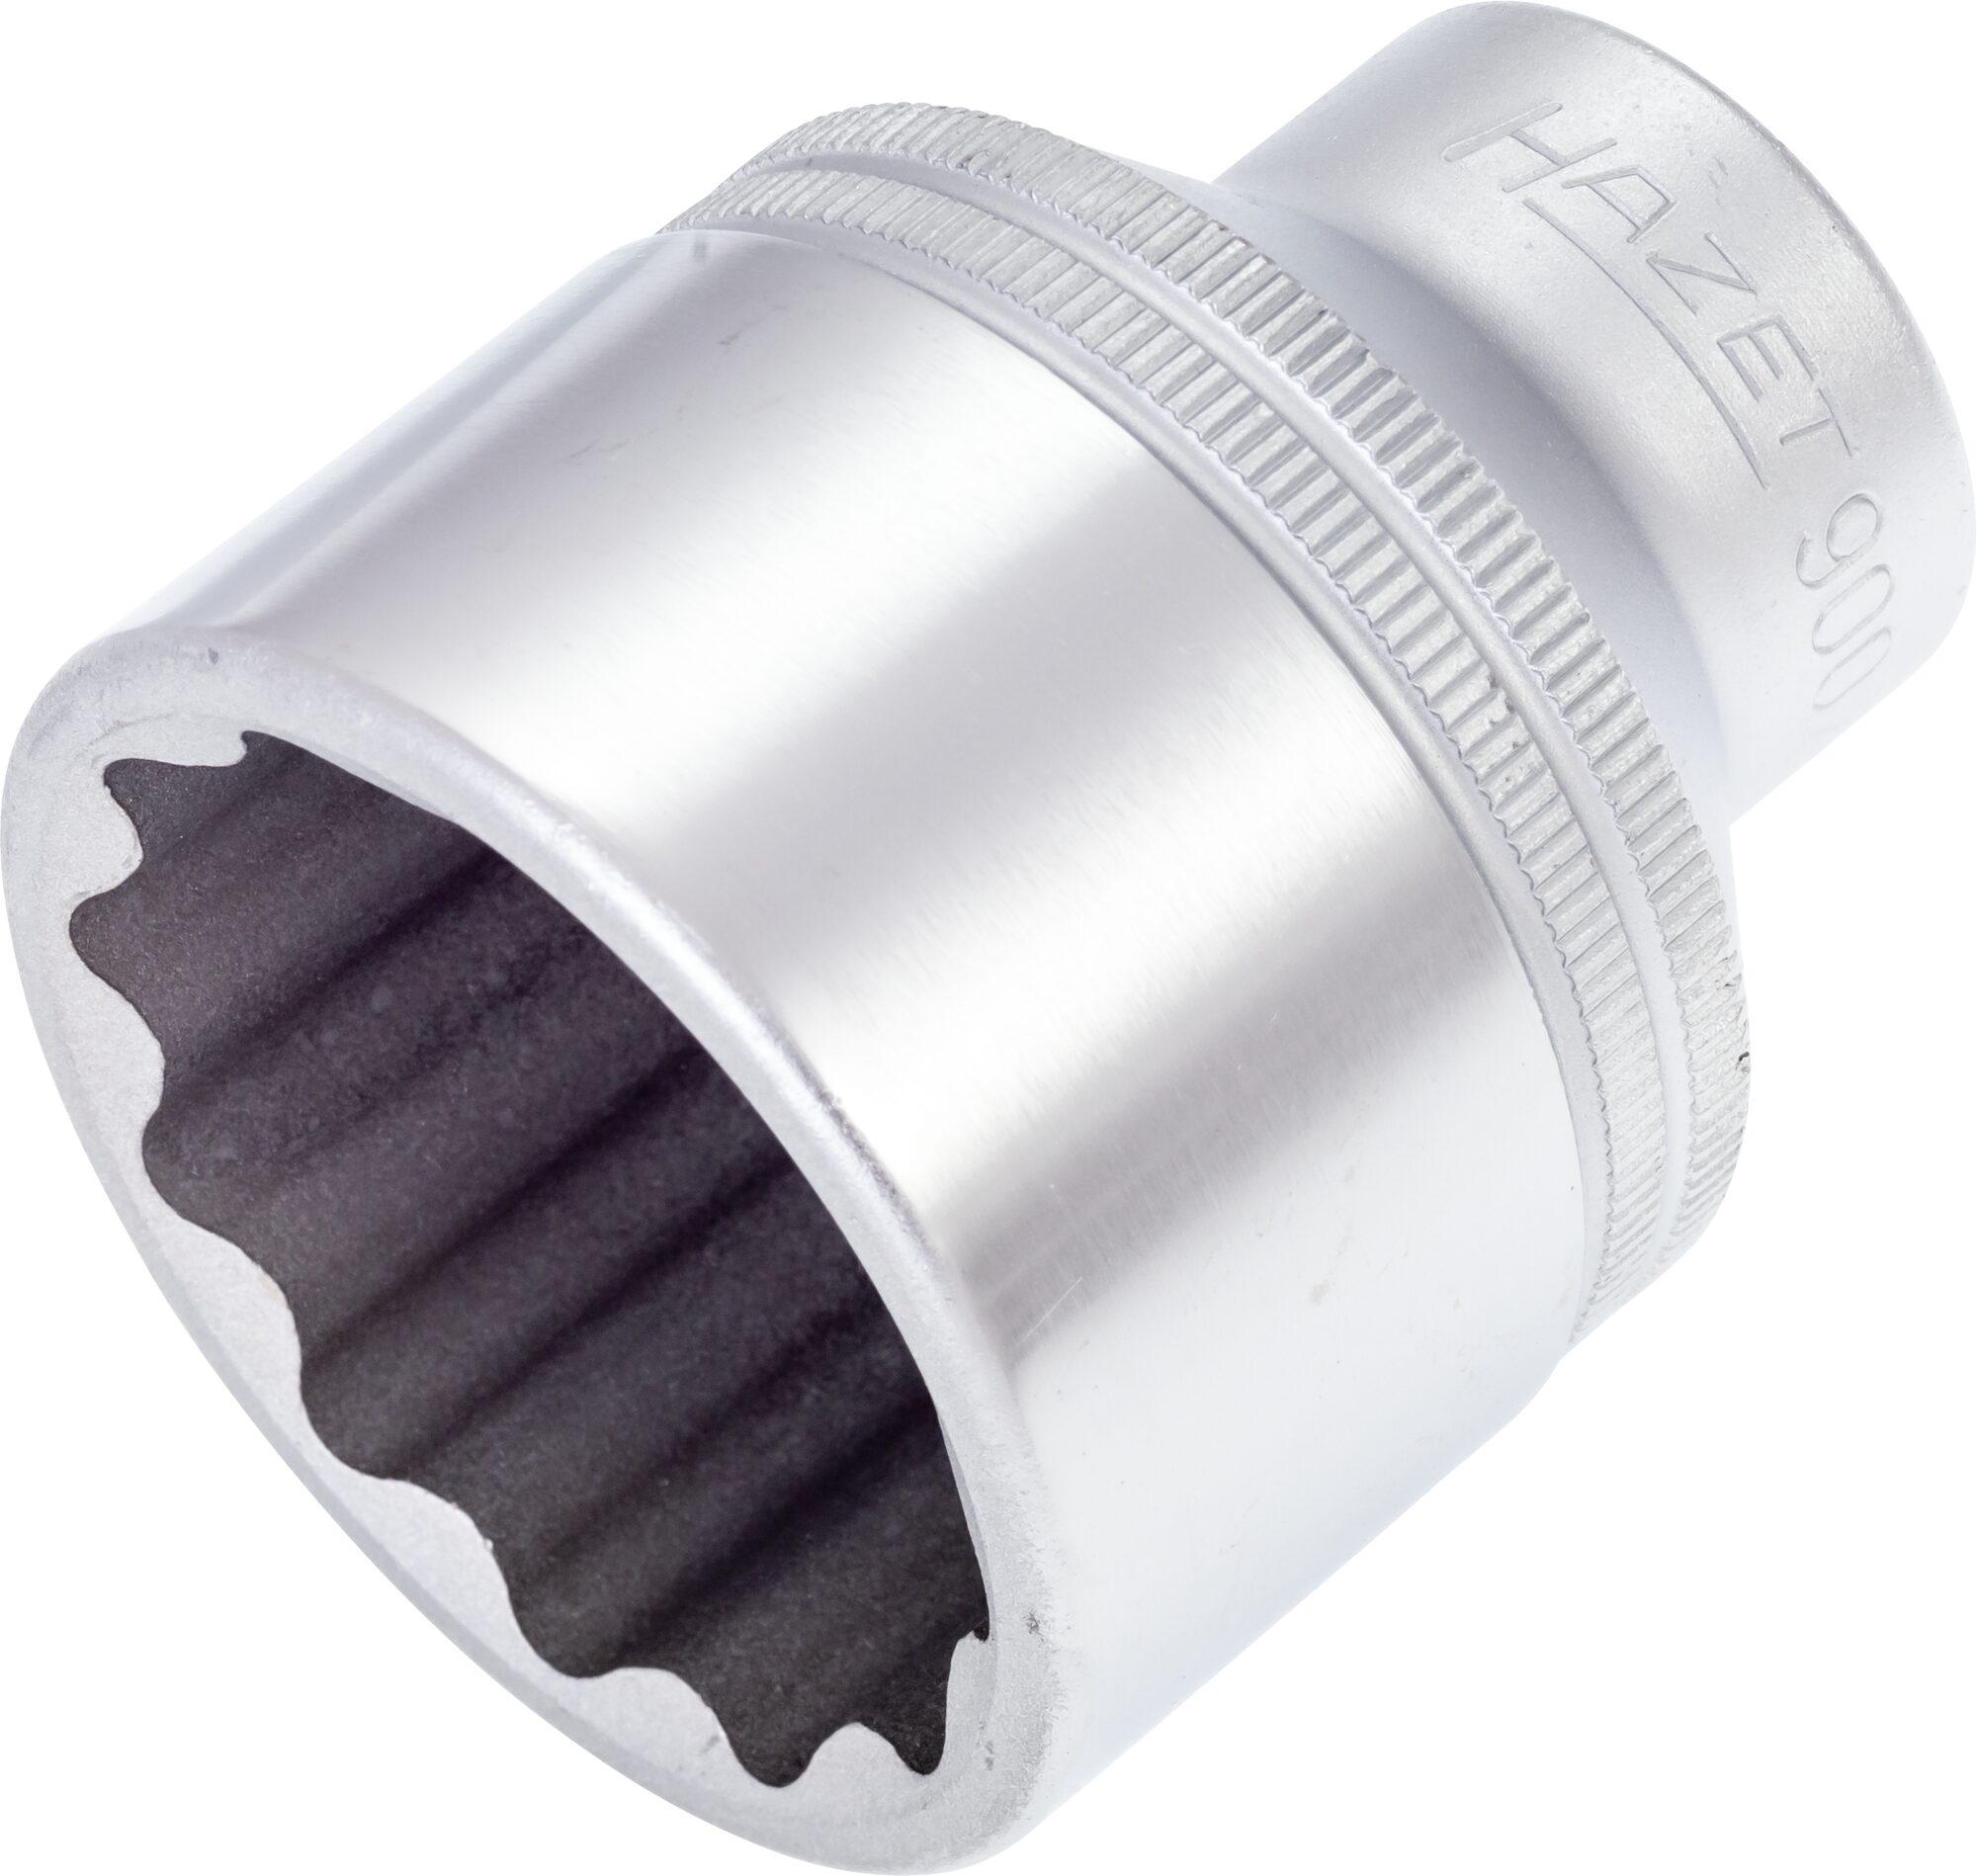 HAZET Steckschlüsseleinsatz ∙ Doppelsechskant 900Z-36 ∙ Vierkant hohl 12,5 mm (1/2 Zoll) ∙ 36 mm